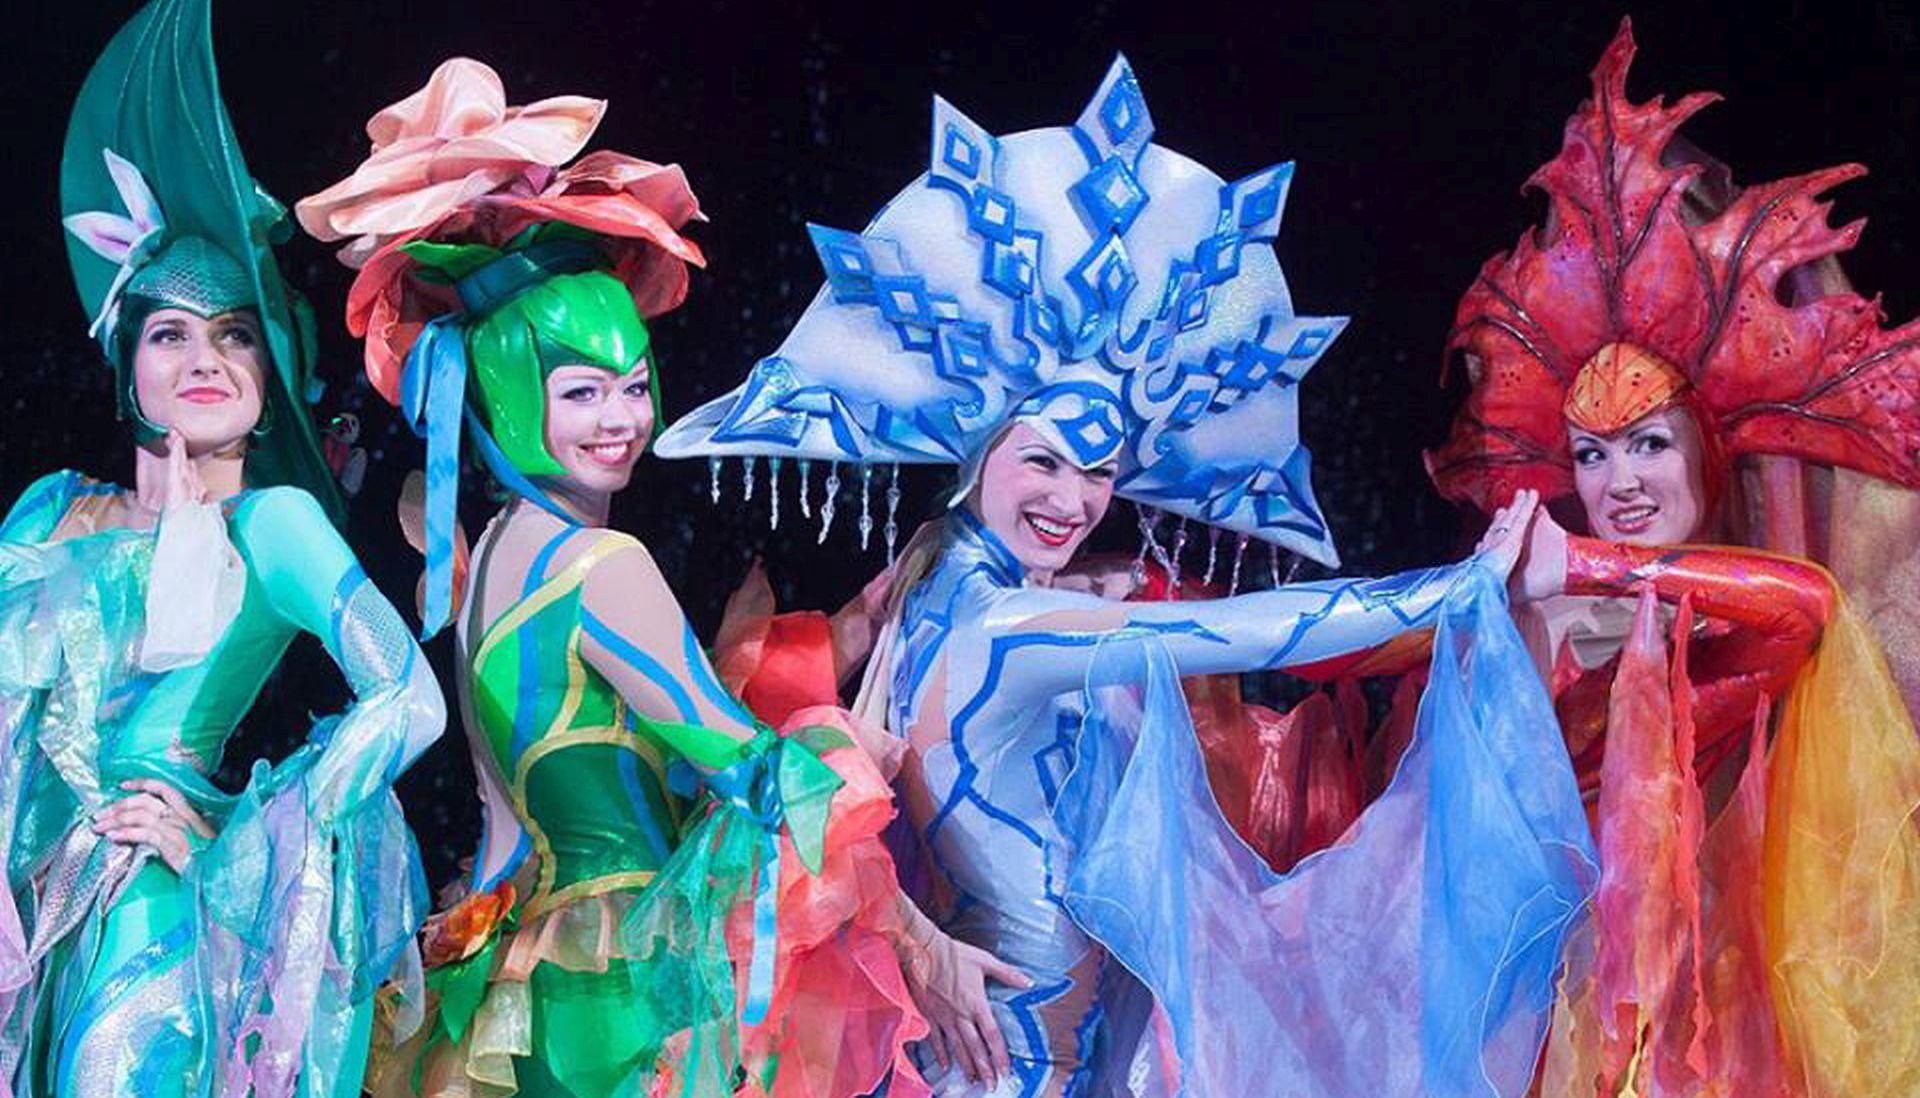 Moskovski cirkus na ledu 19. siječnja u Lisinskom